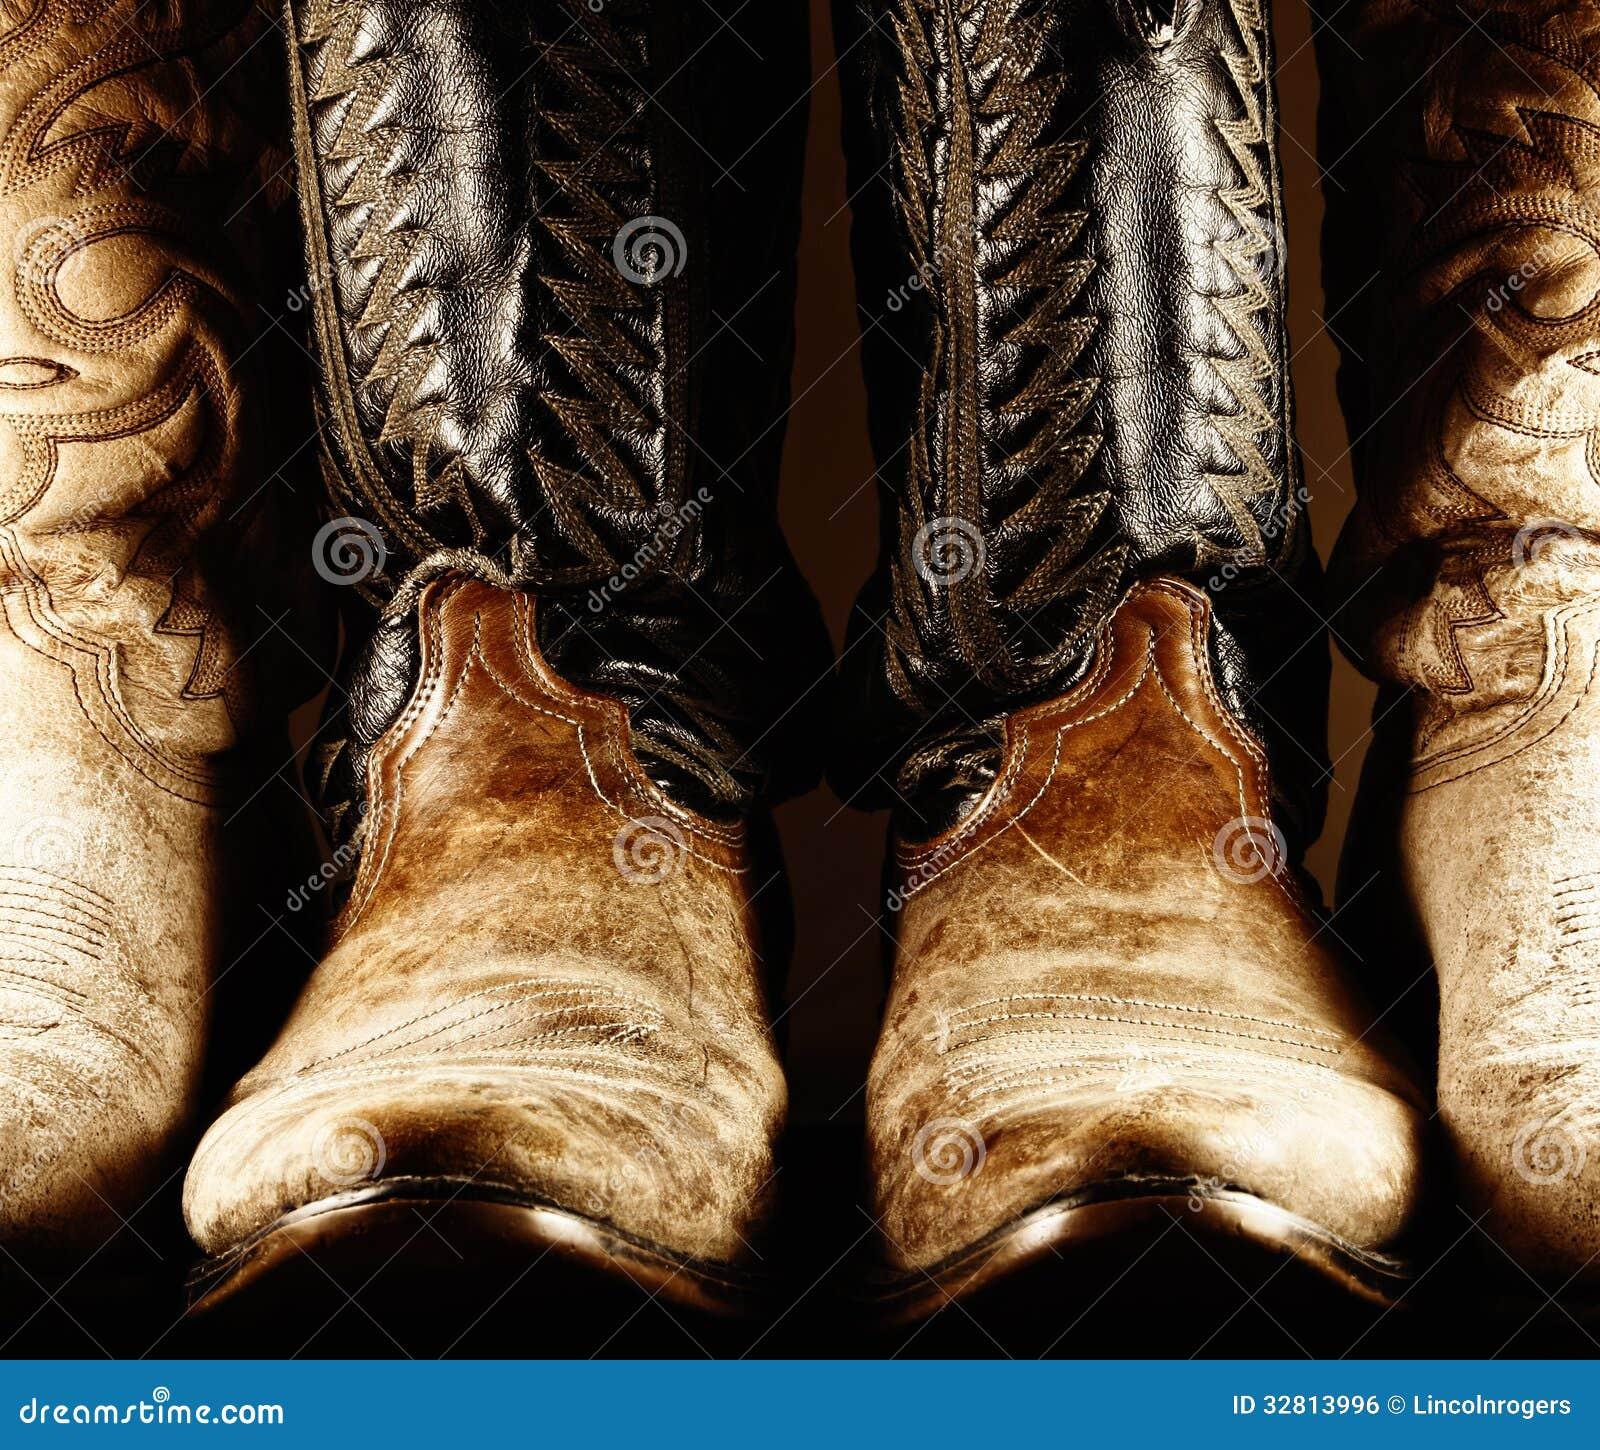 Alter Cowboy Boots - hochauflösend